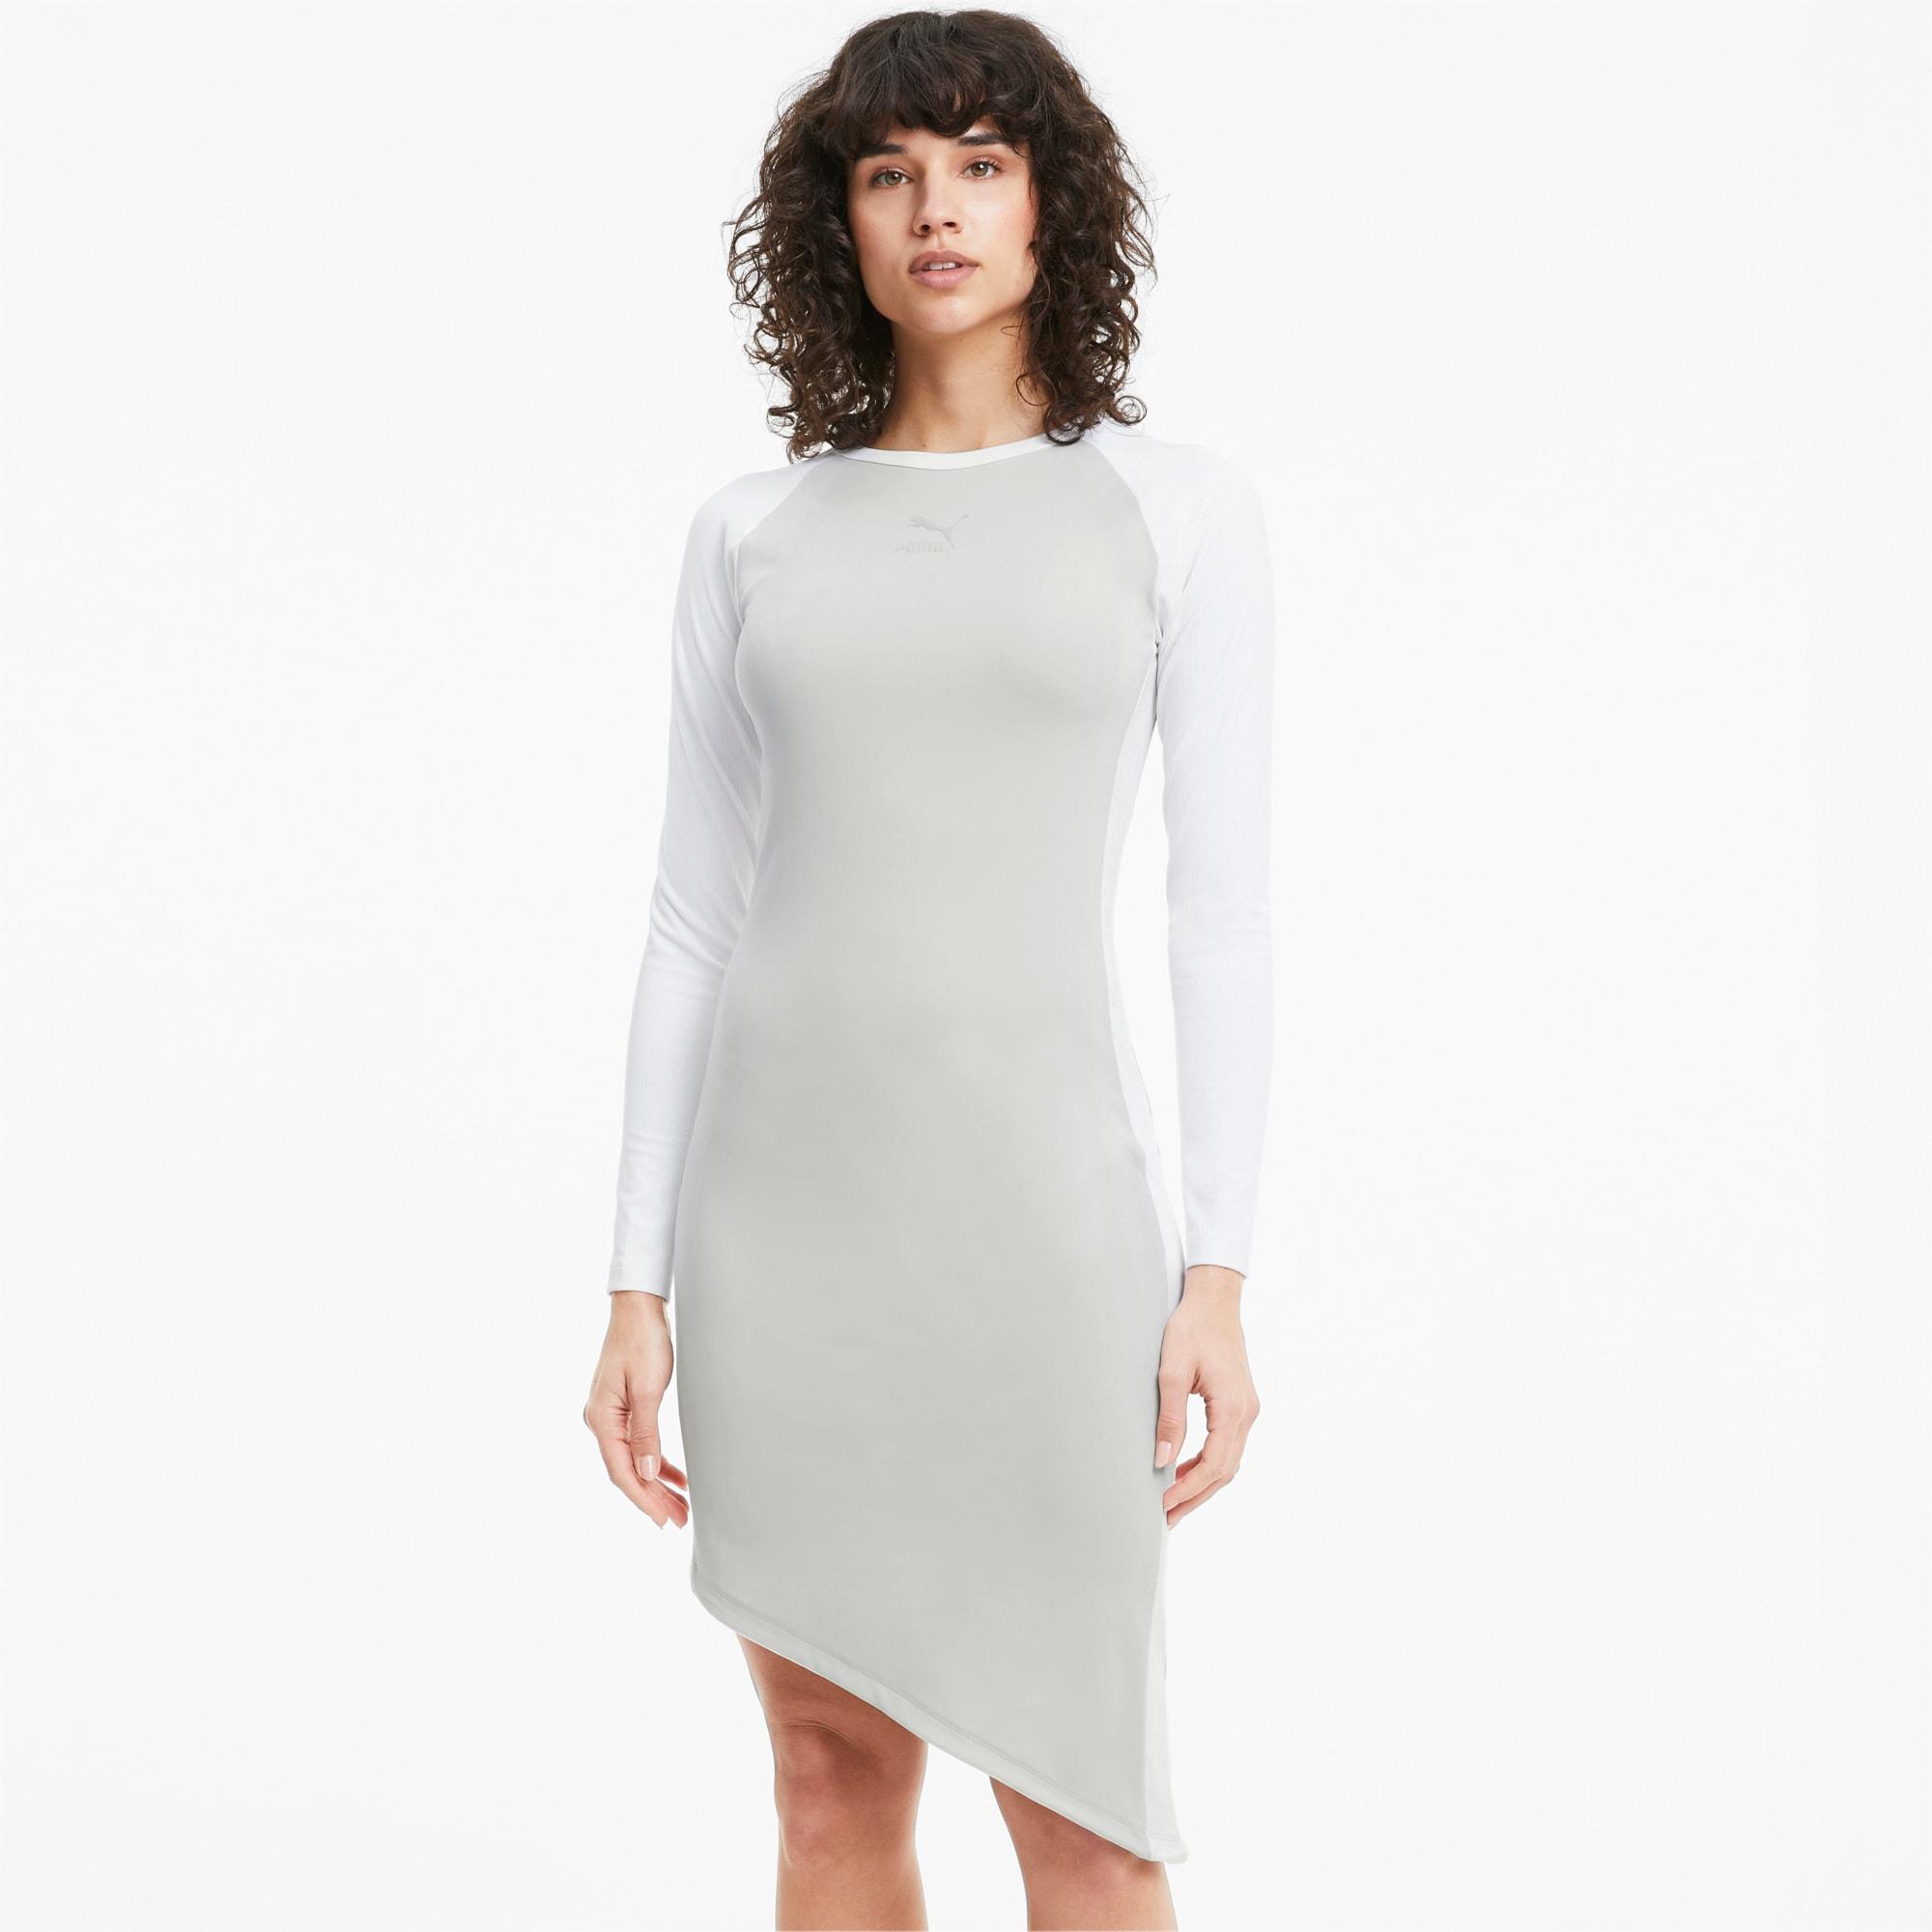 PUMA Damska Sukienka T7 2020 Fashion, Szary, rozmiar XS, Odzież